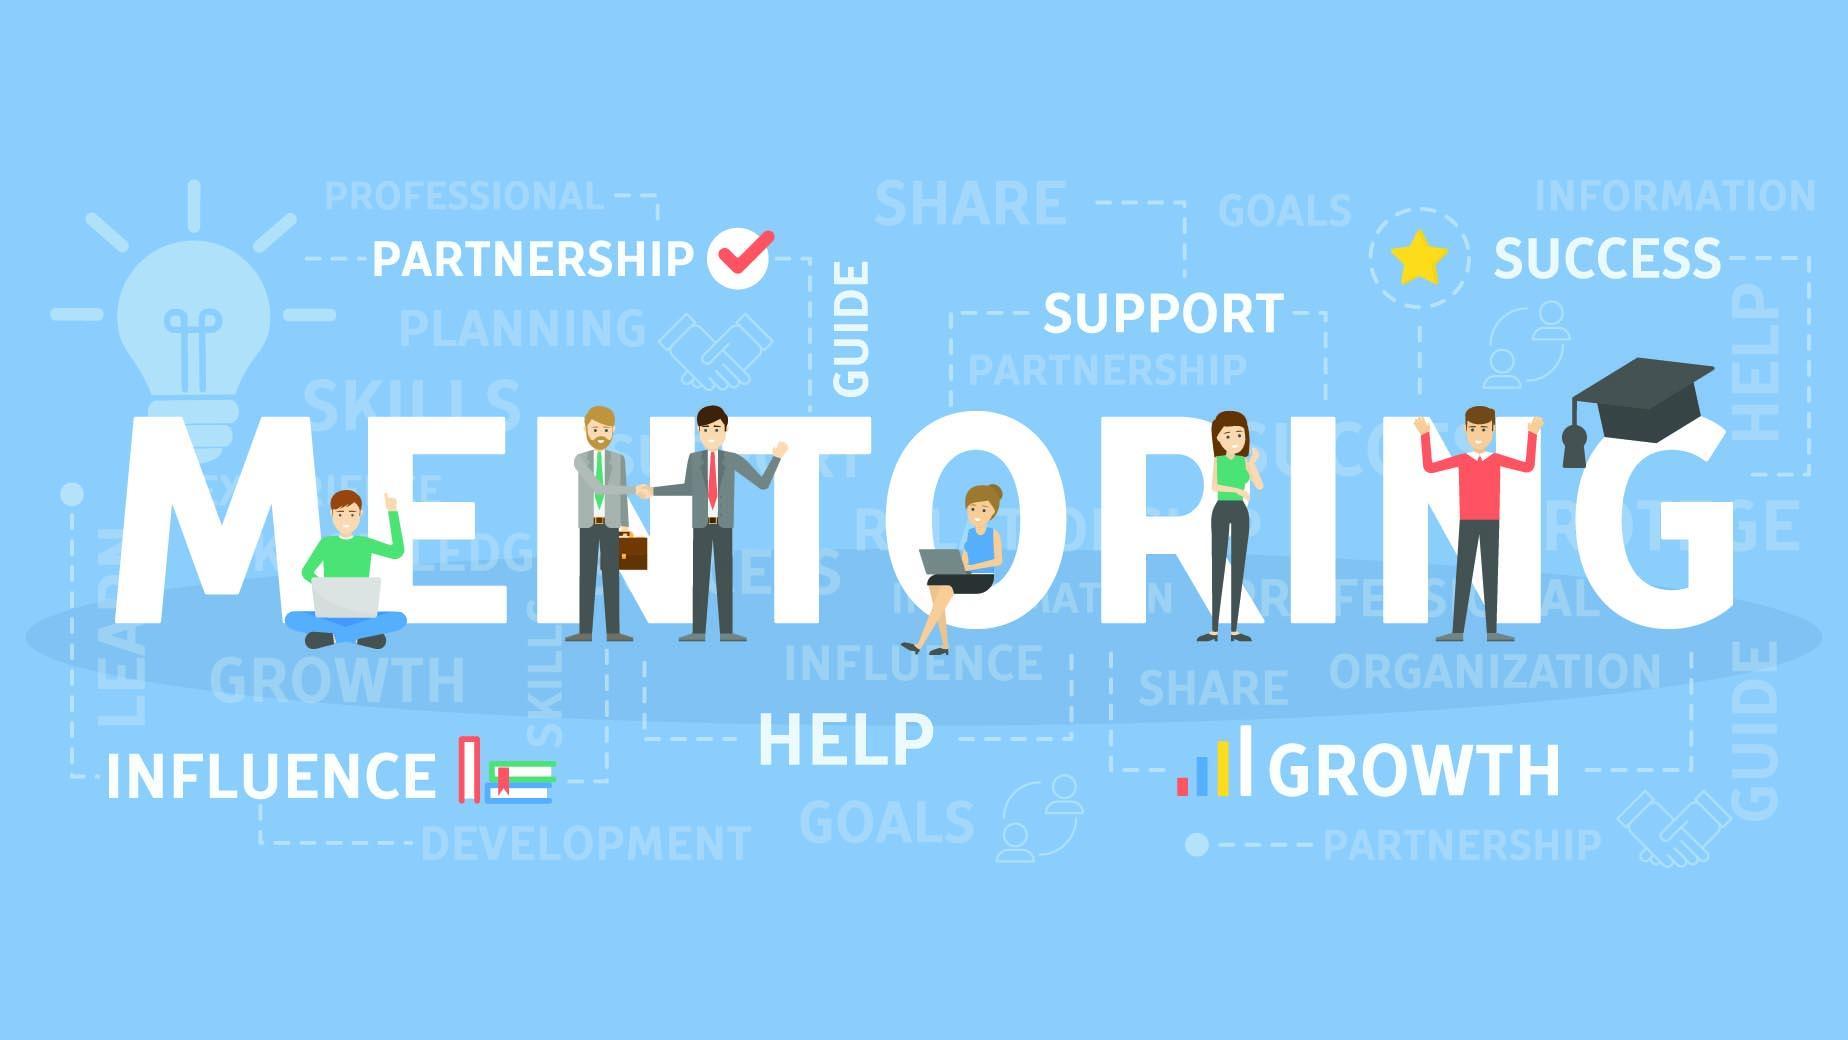 What is Peer Mentoring?